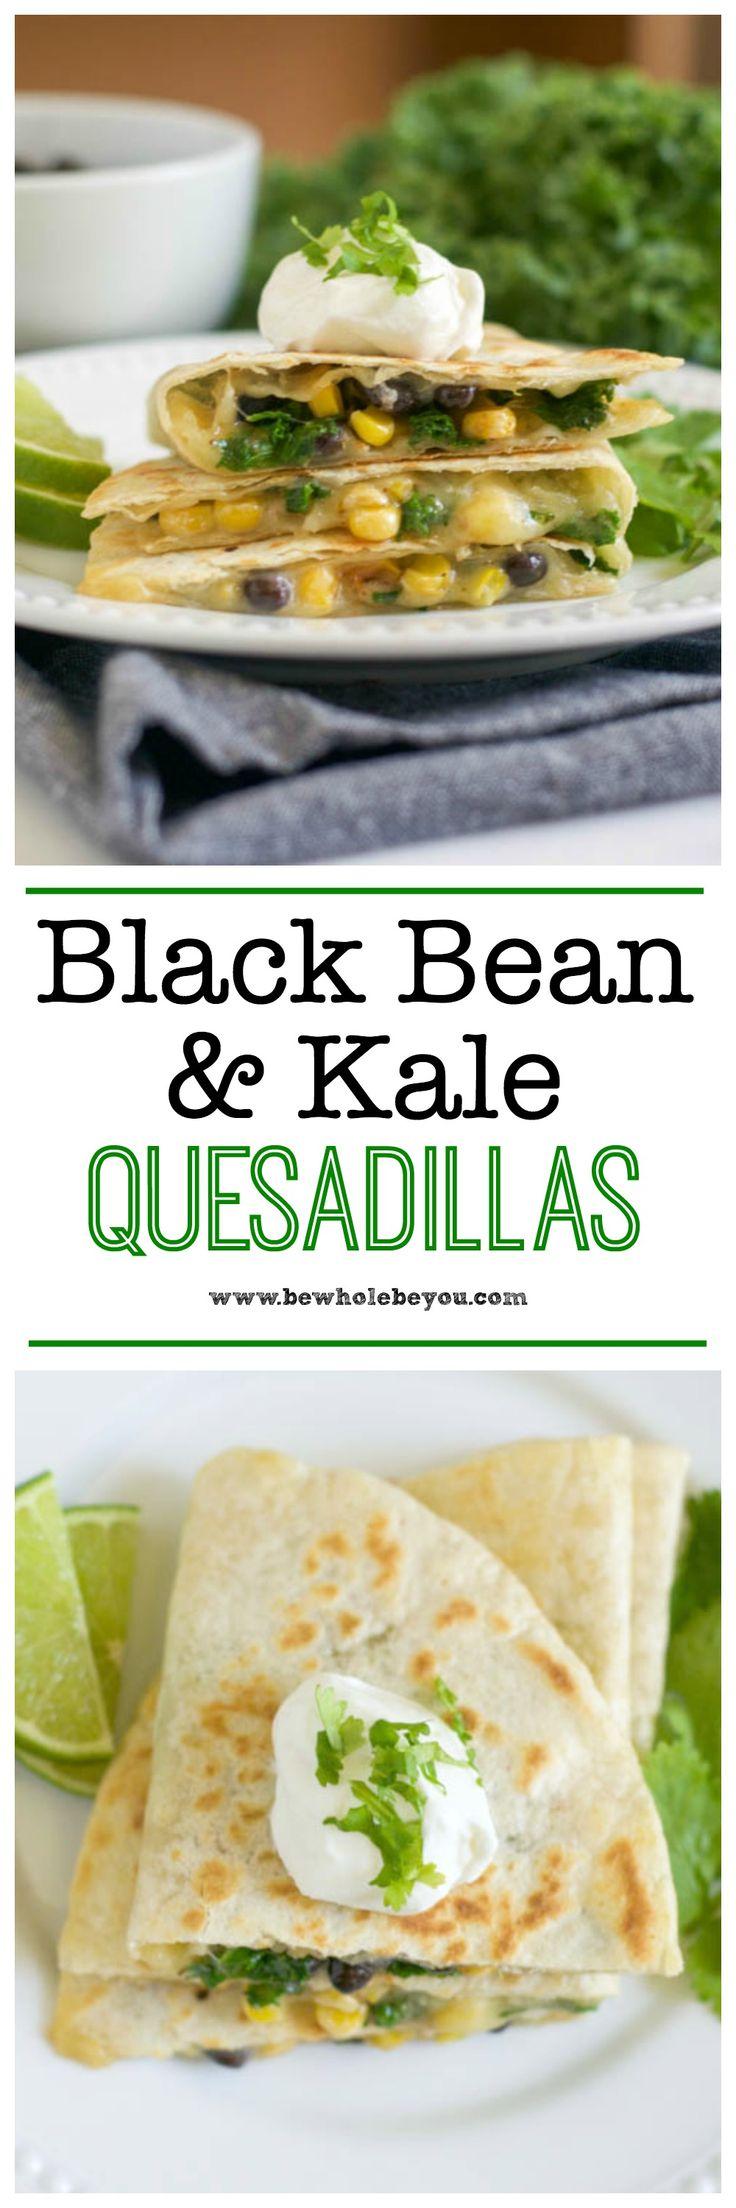 Black Bean & Kale Quesadillas. Be Whole. Be You.